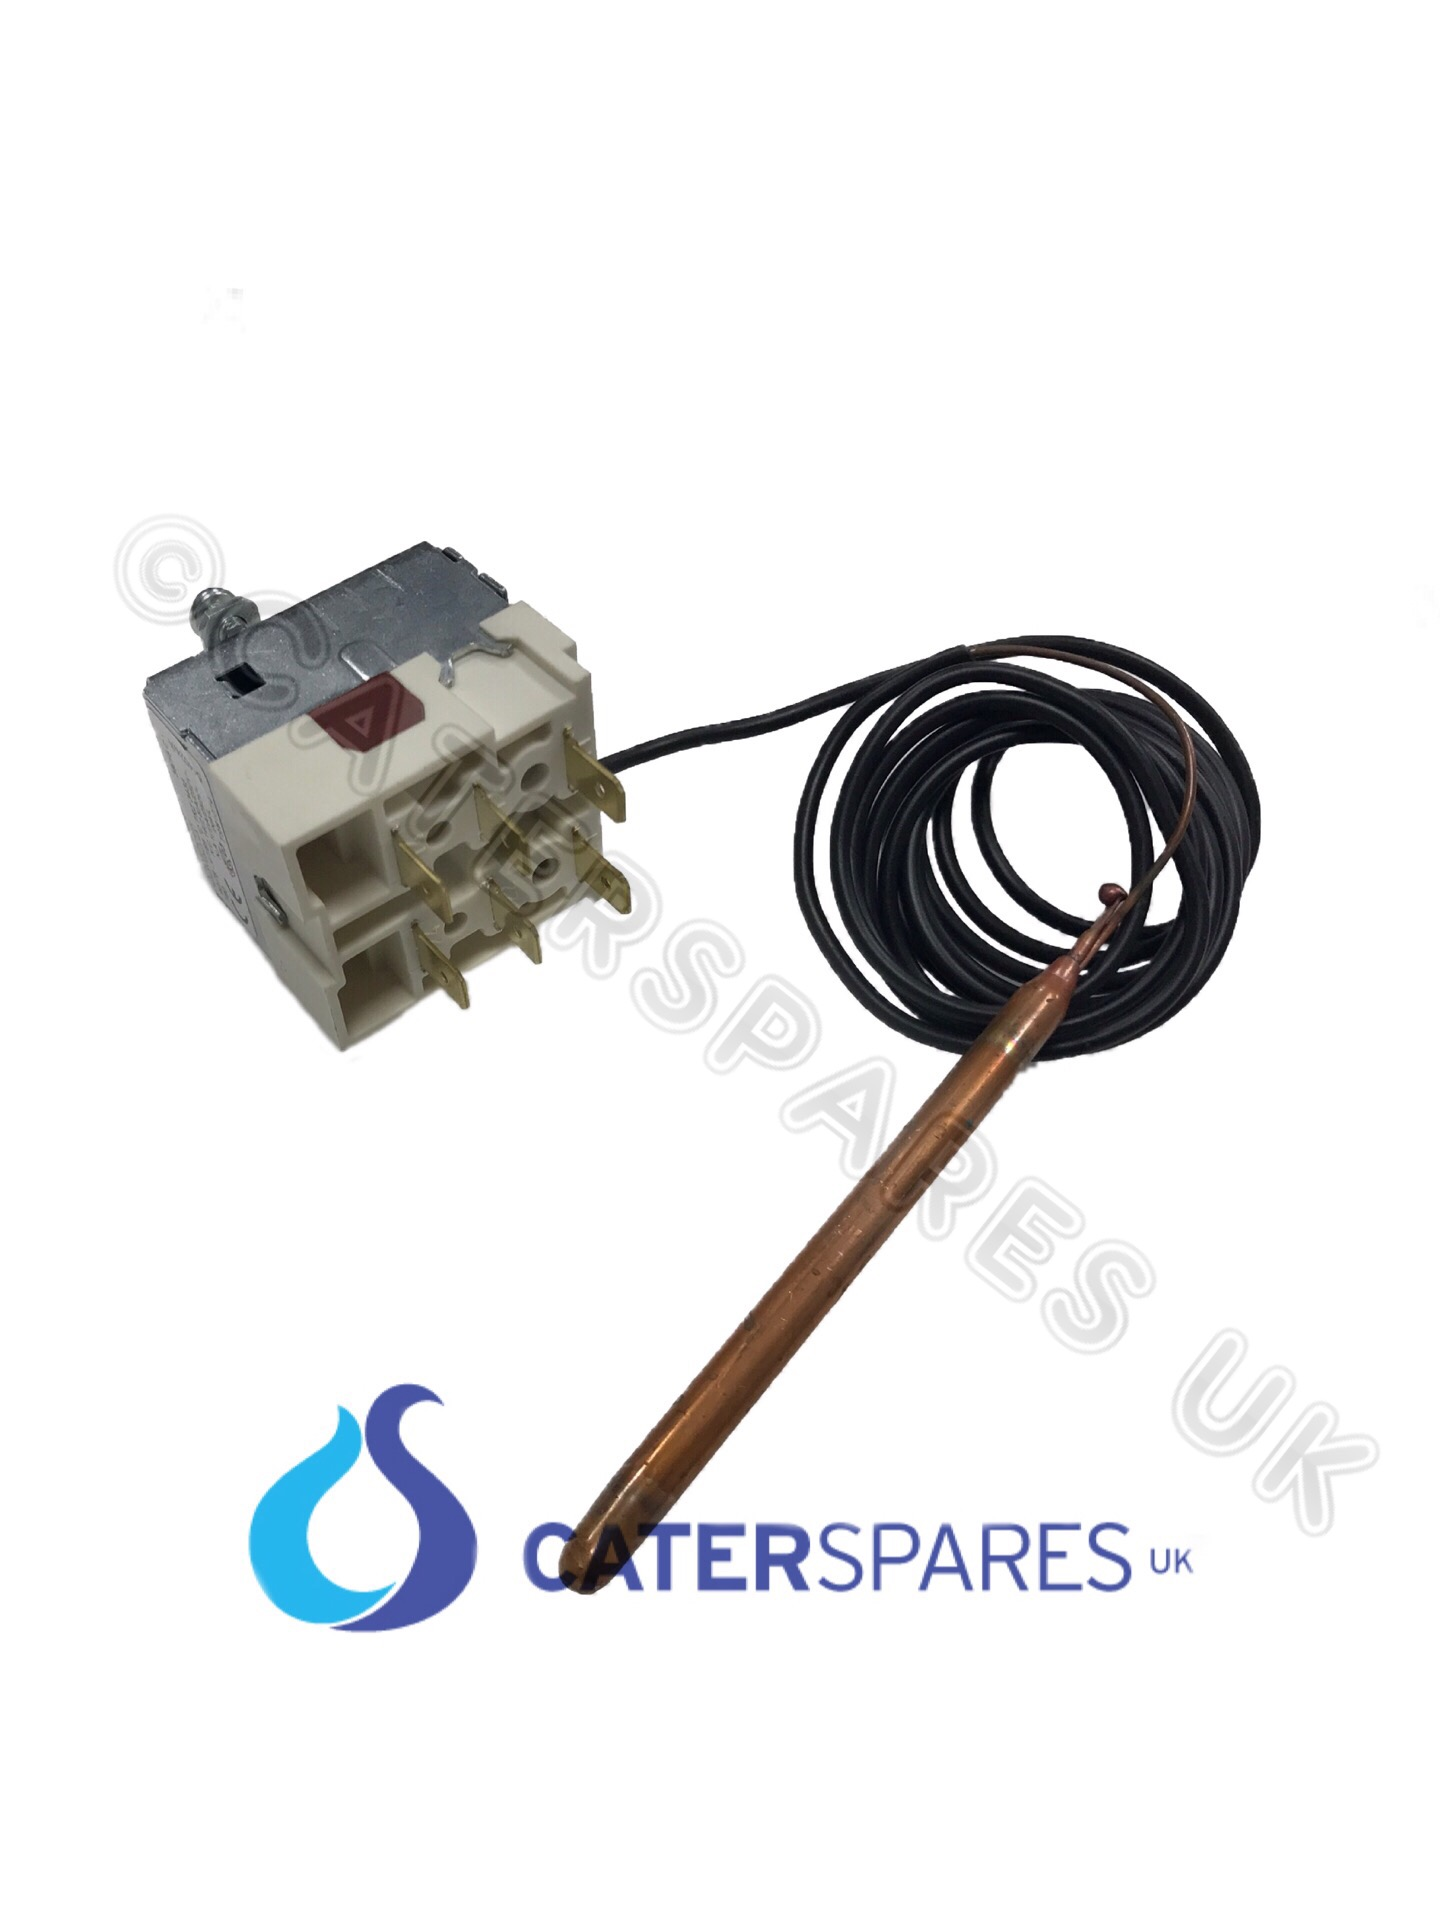 120525 Comenda Dishwasher Dual Temperature Rinse Tank Thermostat 40